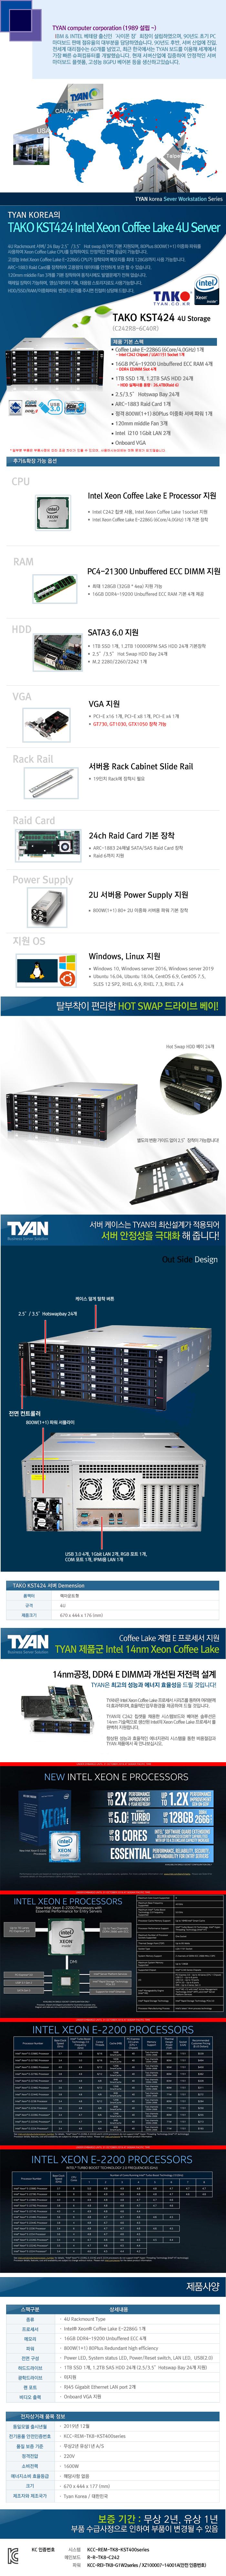 TYAN TAKO-KST424-(C242R8-6C40R) (64GB, SSD 1TB + 26TB)